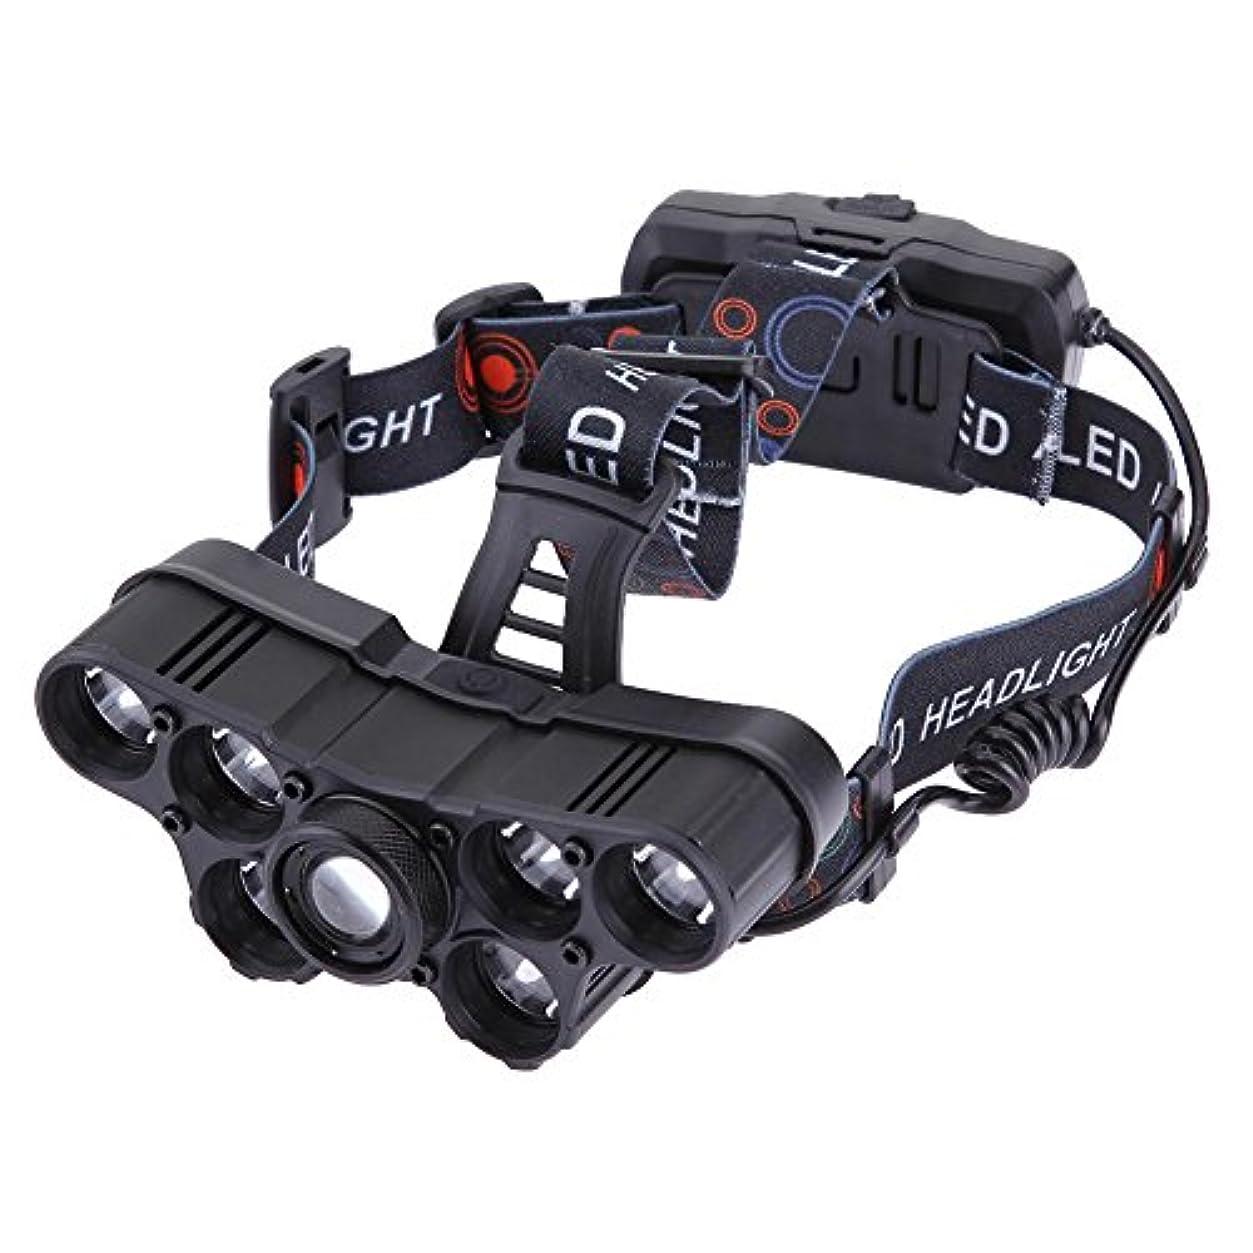 お手入れコマース能力Runcircle ヘッドライト ヘッドランプ USB充電 電池式 ズーム 高輝度LED 7LED 警告ライト付き 調整可能 屋外 キャンプ 登山 釣り アウトドア 防水 ヘルメットライト (1/2×18650電池別売り)